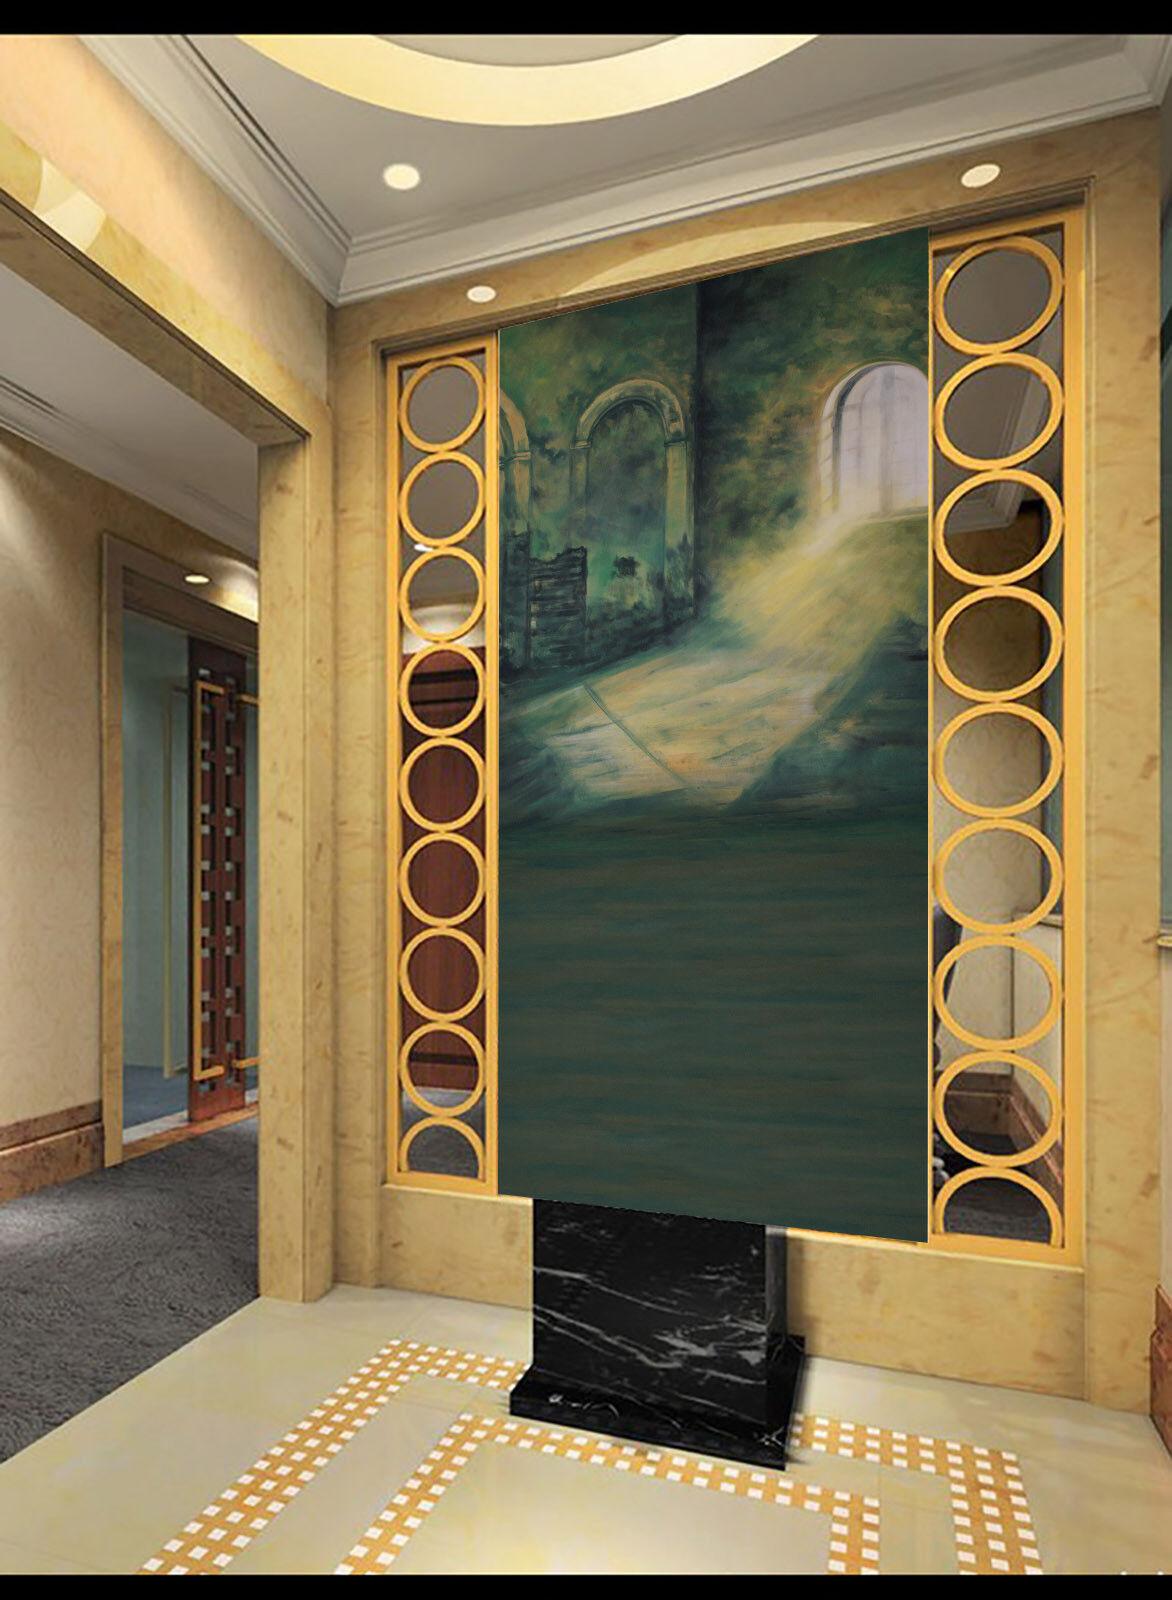 3D Fenster Sonnenlicht 886 Tapete Wandgemälde Tapete Tapeten Bild Familie DE | Deutschland Frankfurt  | Guter weltweiter Ruf  | Moderate Kosten